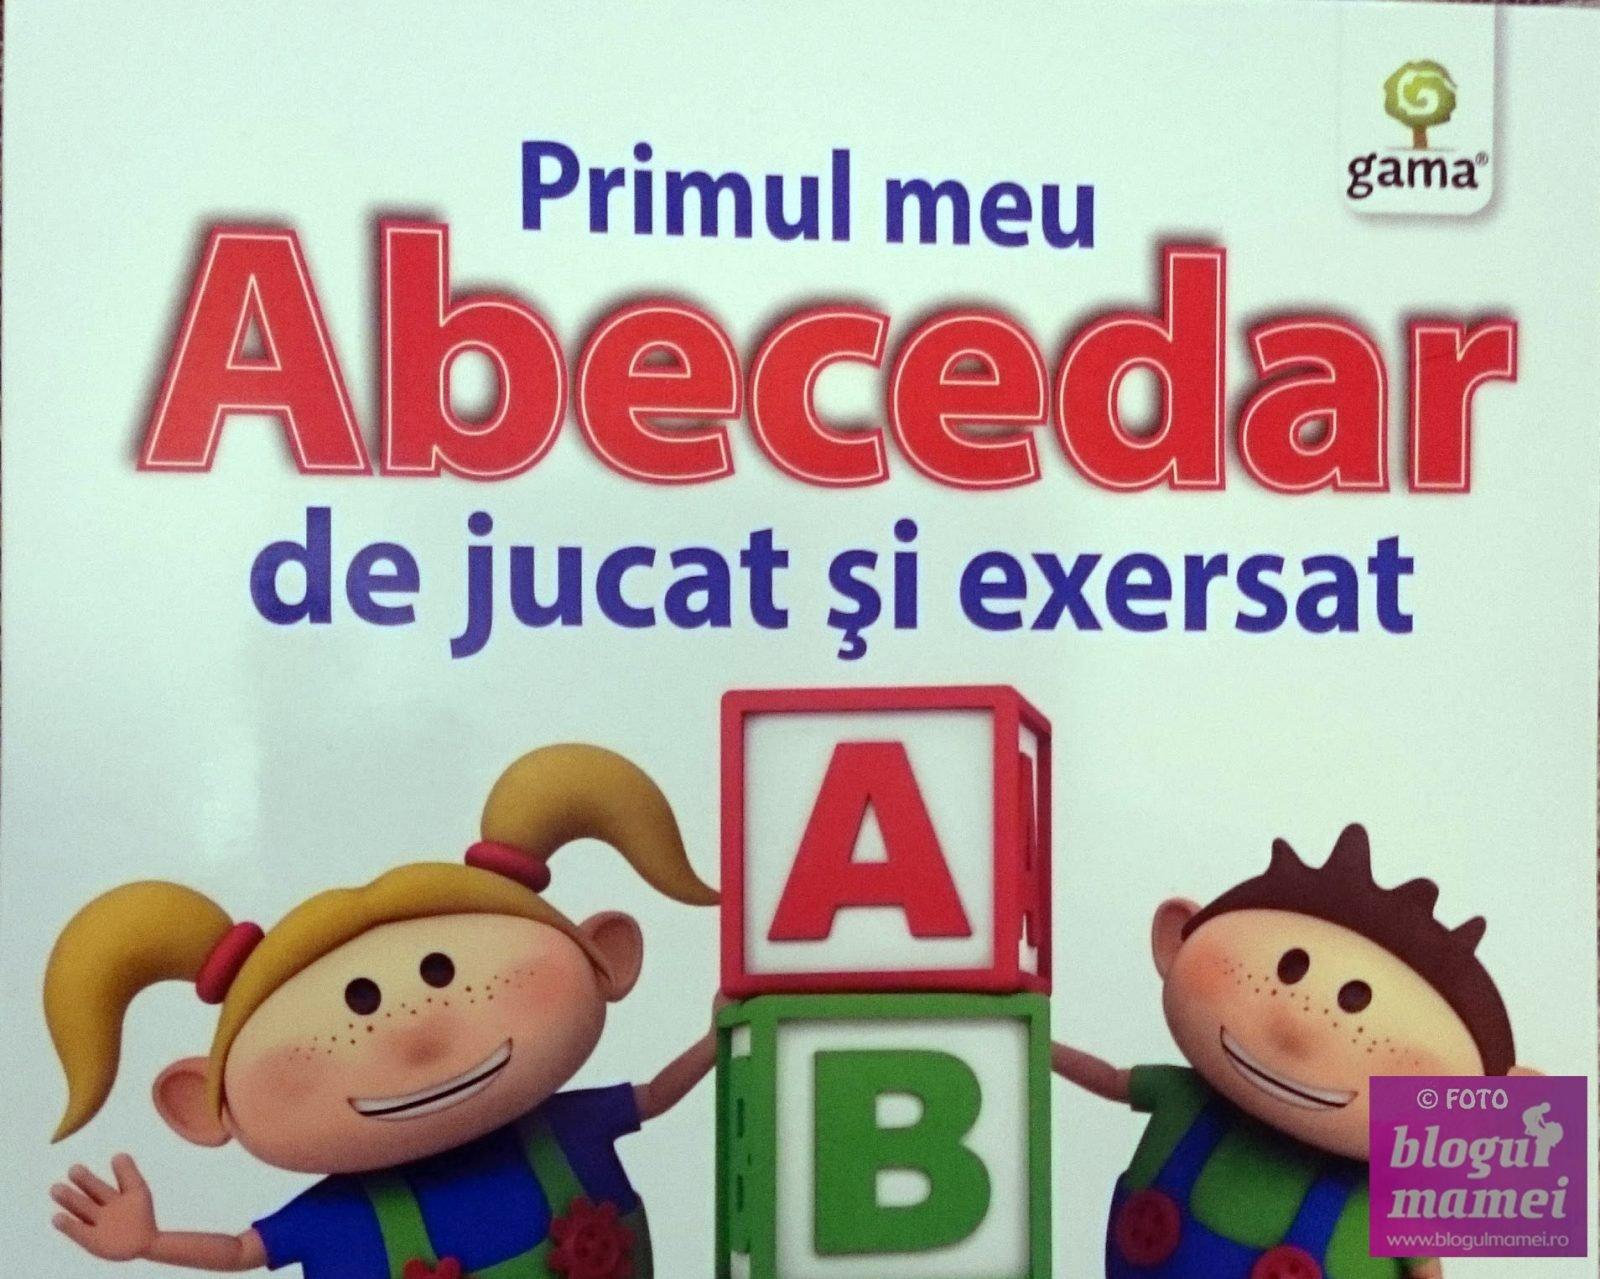 Limba română, limbă străină în școlile comunității maghiare? Ce spune un deputat sătmărean despre predarea limbii române